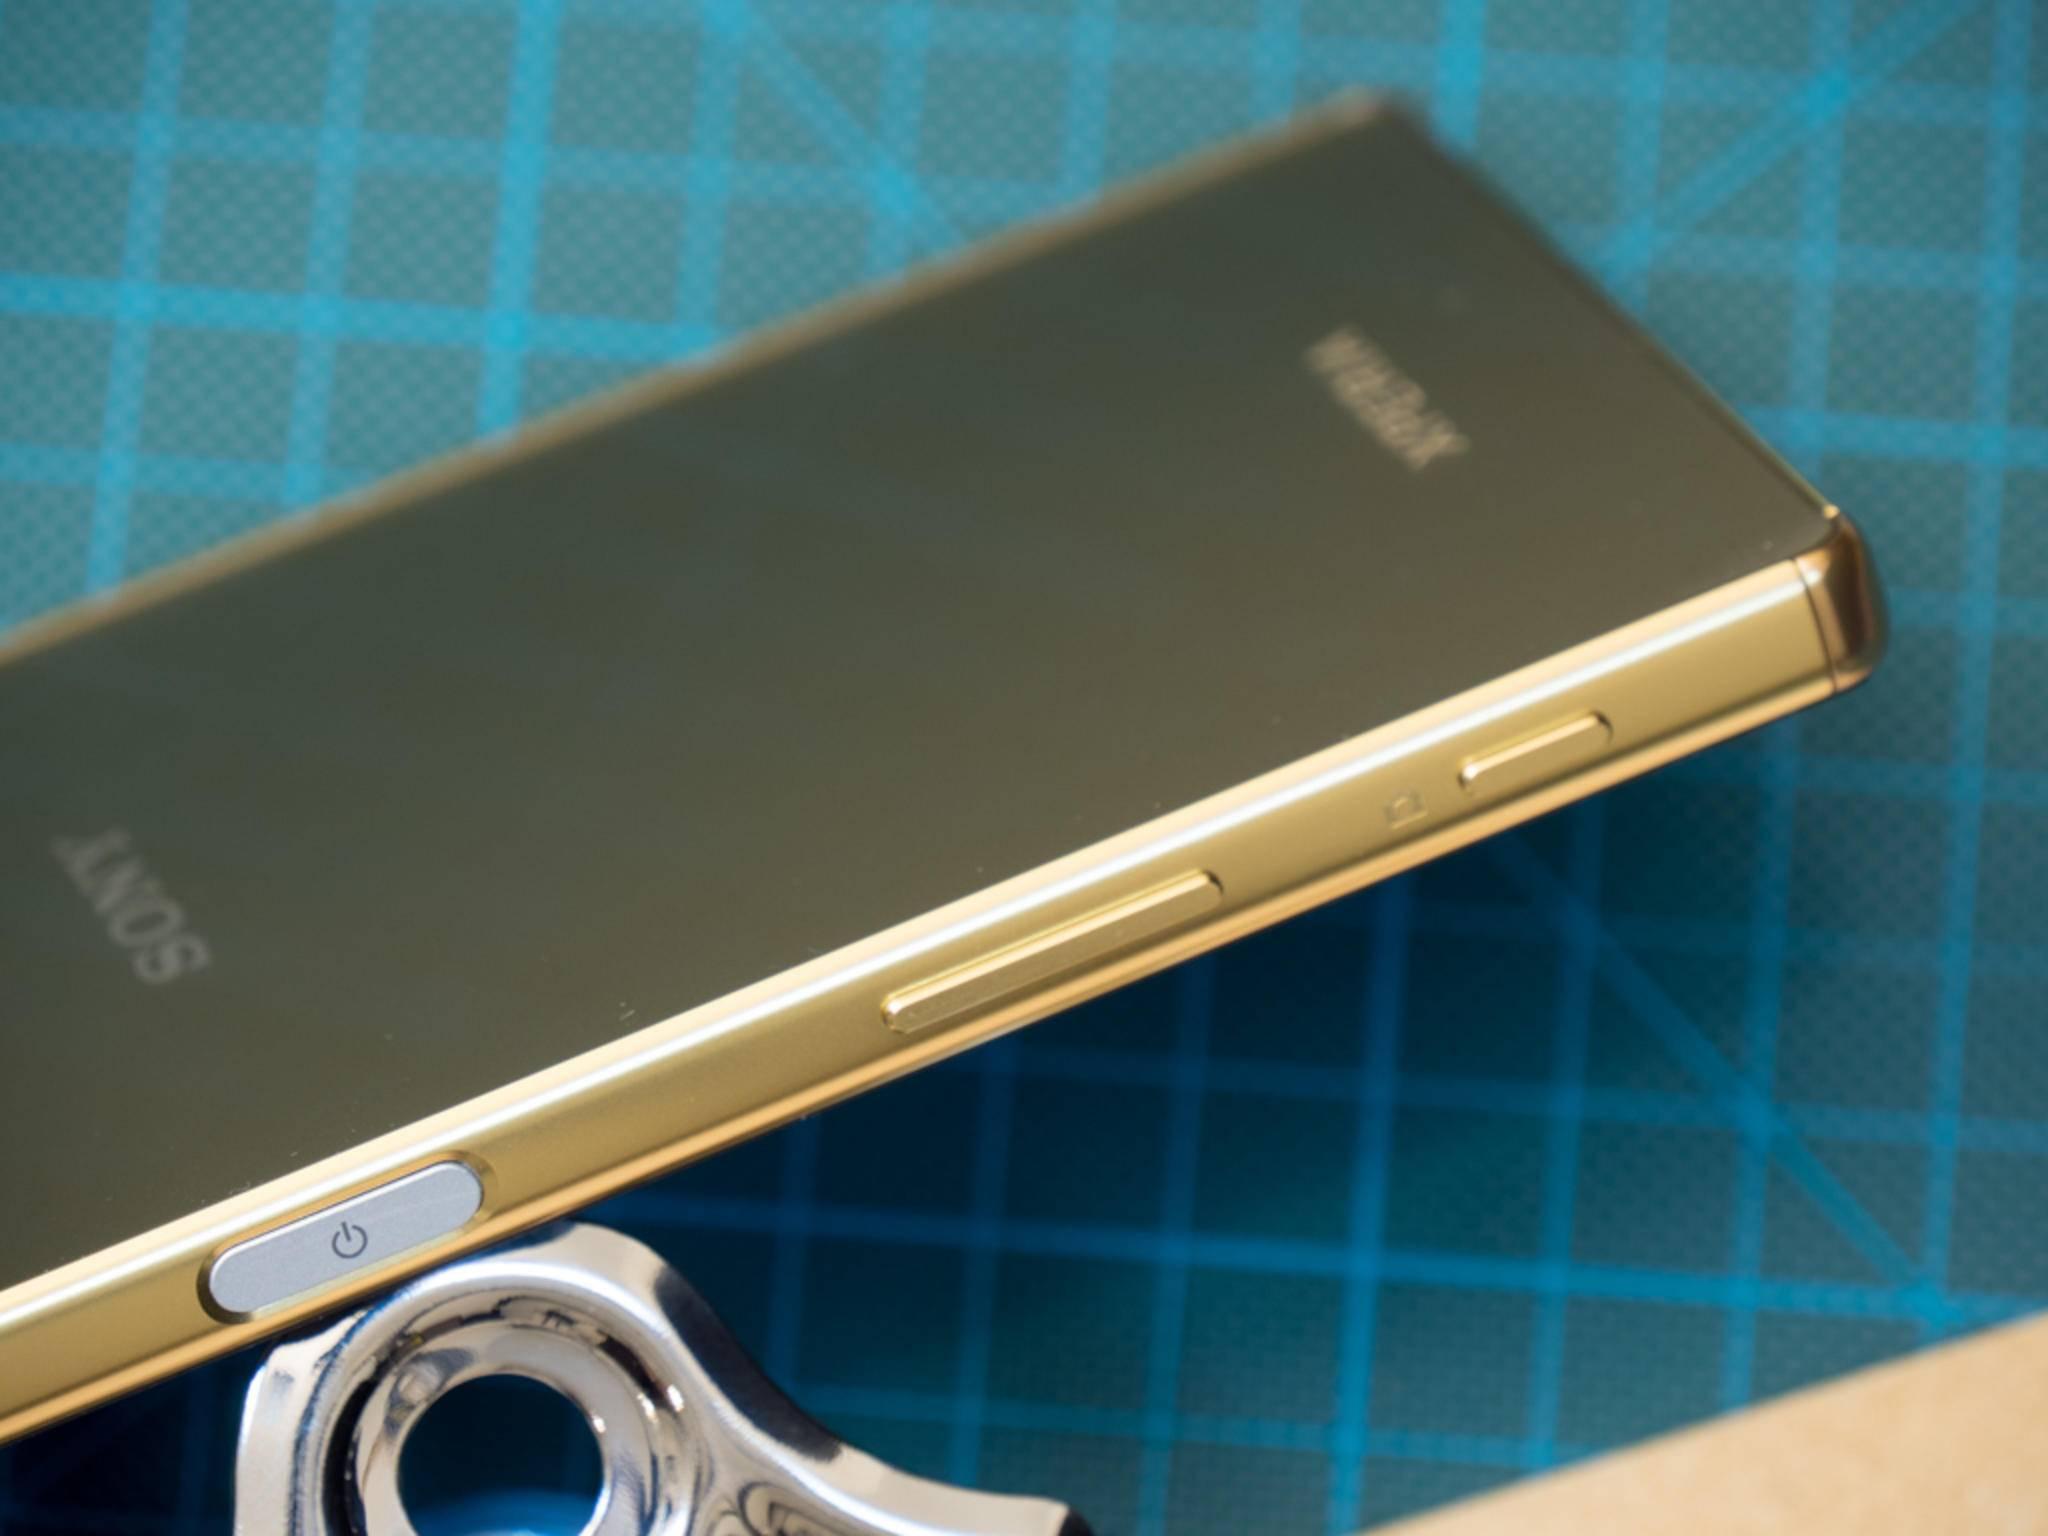 Das Sony Xperia Z5 Premium ist in edlem Gold, Schwarz oder Chrom erhältlich.